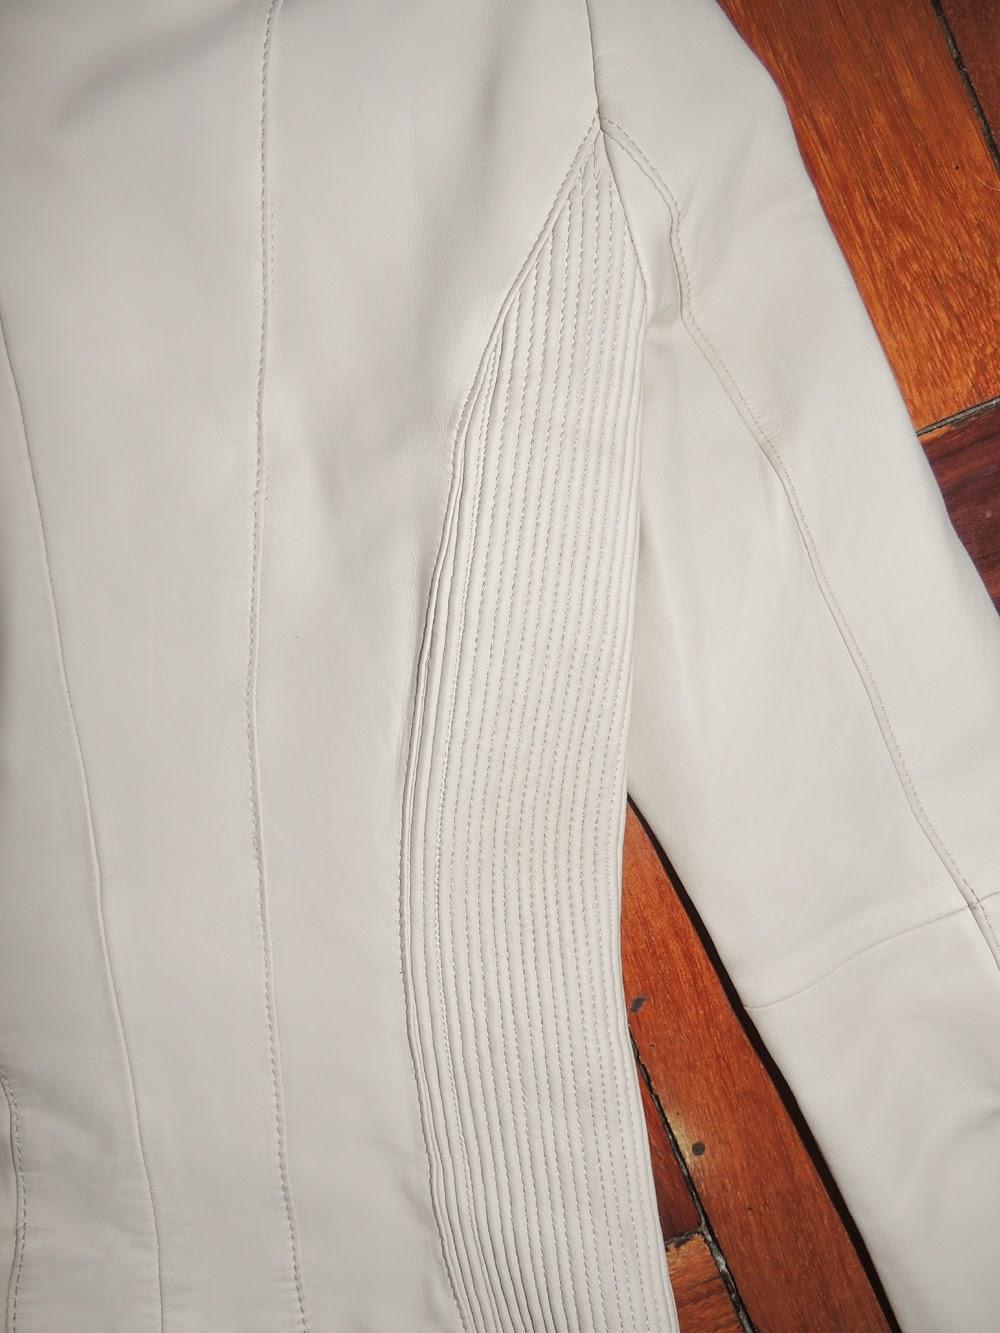 e51234b044 Mais uma jaqueta de couro TOP da Zara!! Couro macio e lindo! A cor da  jaqueta é nude com preta! Vai com tudo! Todo mundo tem que ter uma jaqueta  de couro ...